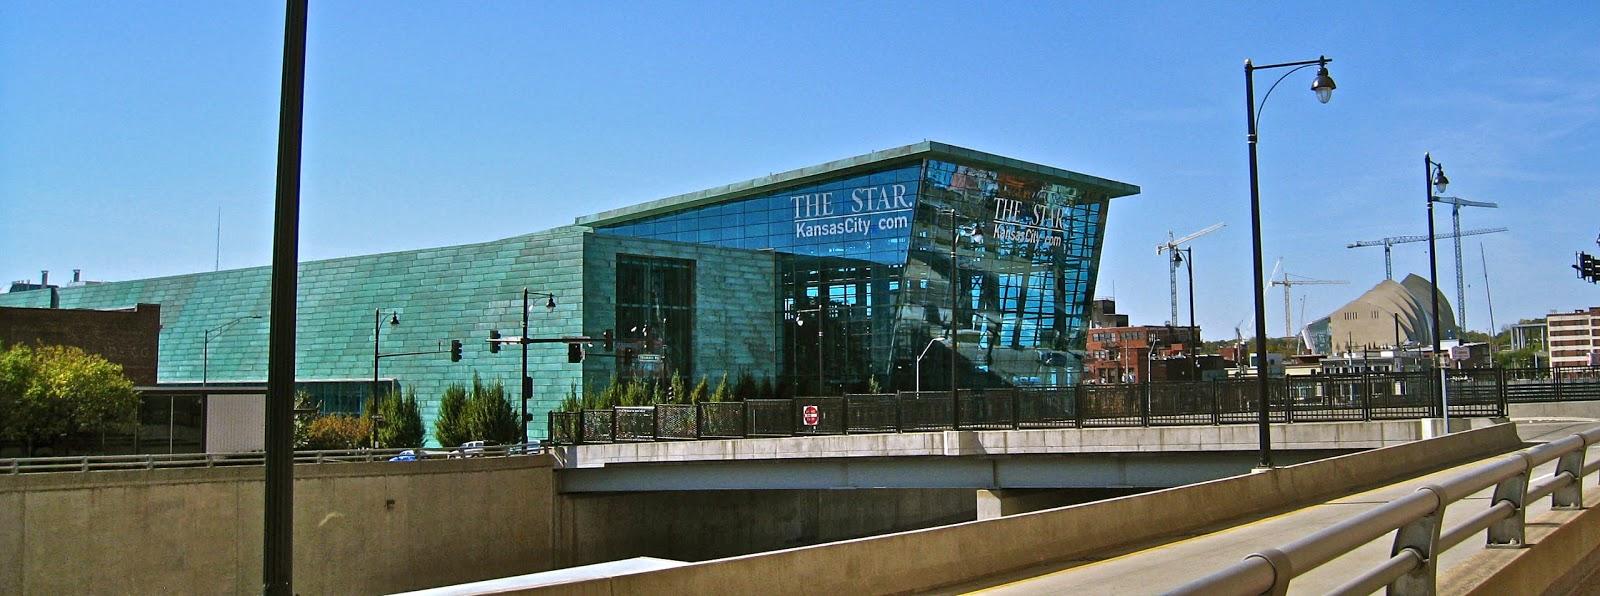 Kansas City Star 25